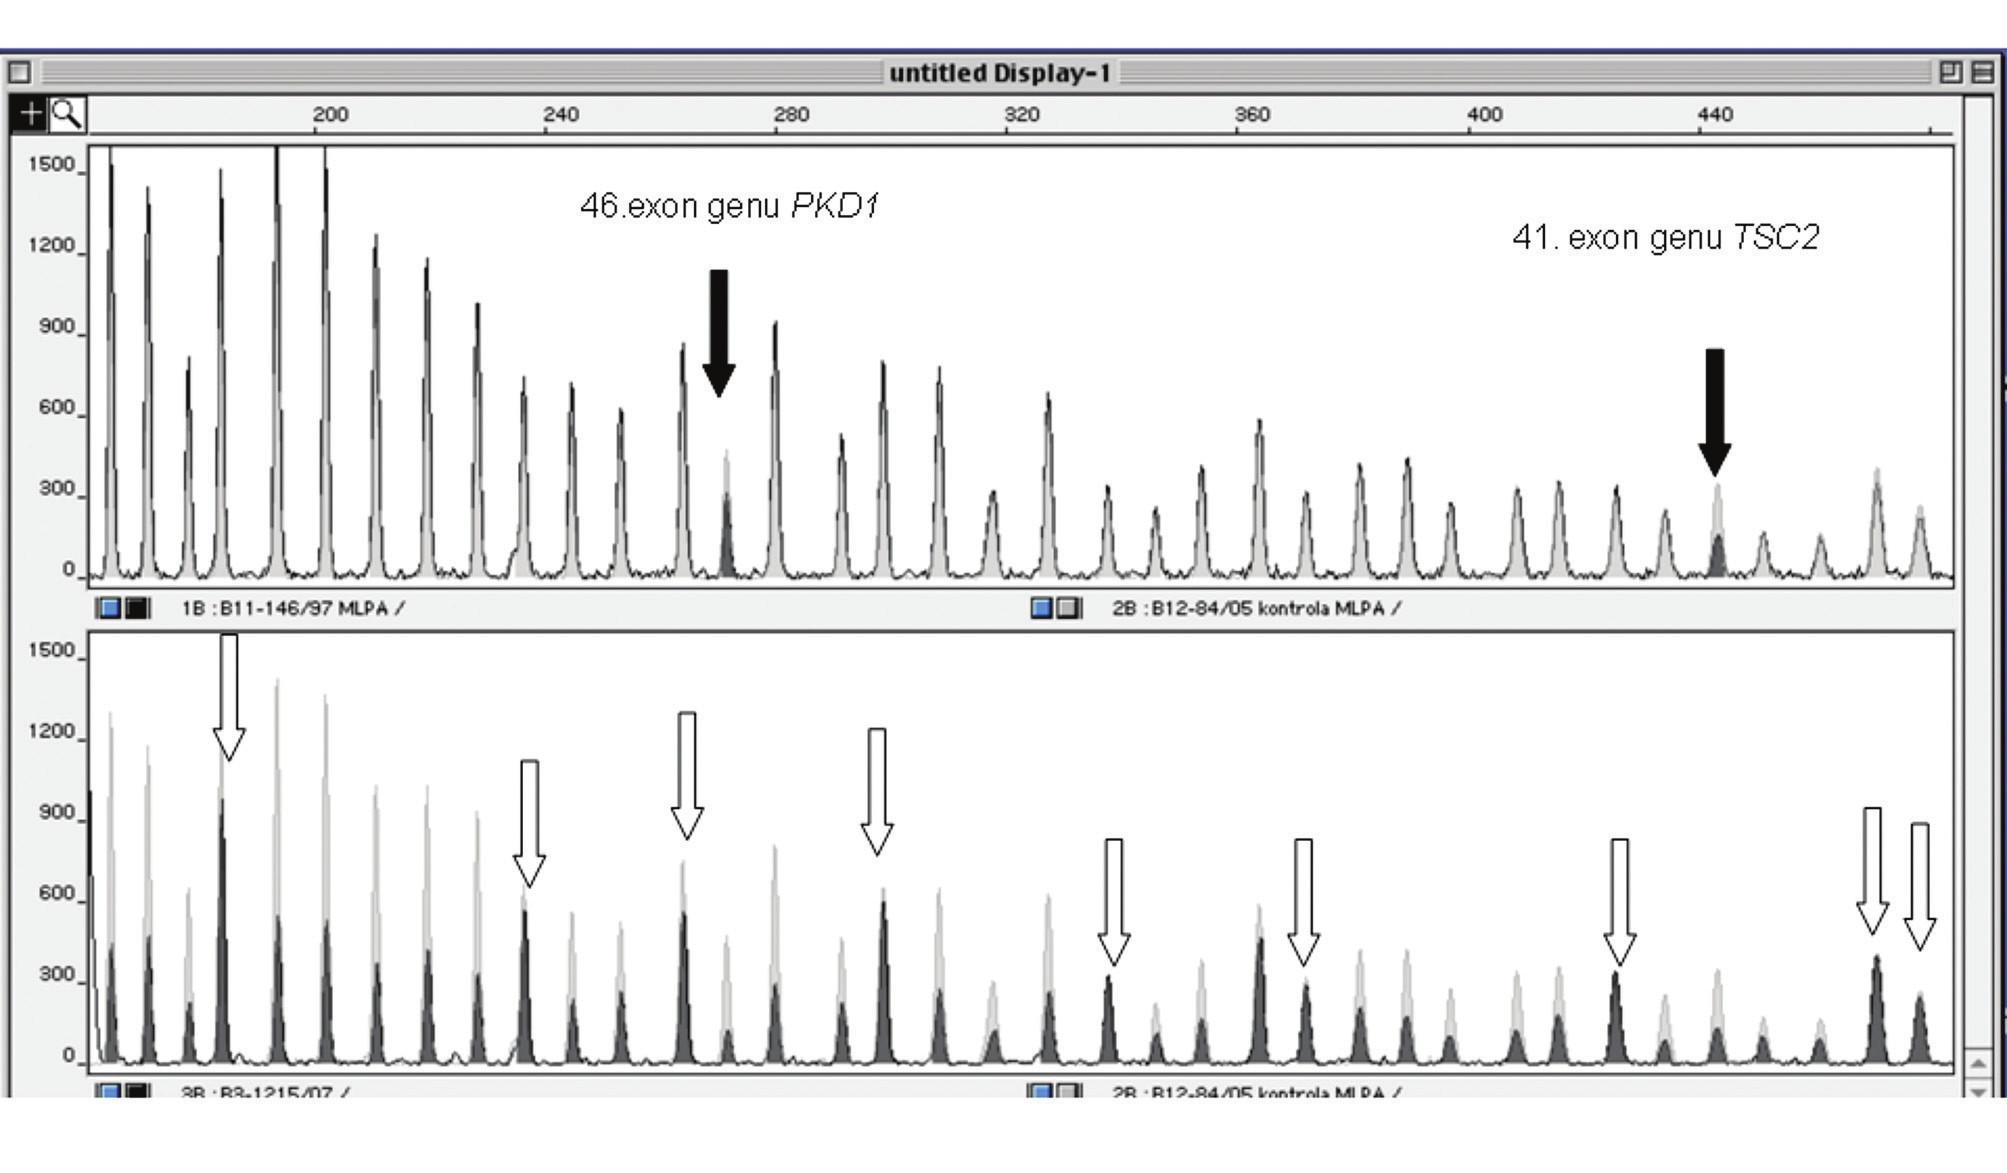 Detekce rozsáhlých delecí TSC2 genu metodou MLPA. Obrázek představuje výřez elektroforetogramu z kapilární elektroforézy. Černé peaky jsou PCR produkty DNA pacienta, šedé označují fyziologickou kontrolní DNA. V horní části: redukce signálu PCR produktu 46. exonu PKD1 a 41. exonu TSC2 (šipky) ve srovnání s fyziologickou kontrolou prokazuje distální deleci TSC2 genu. V dolní části: redukce signálu všech sledovaných exonů TSC2 a 46. exonu v genu PKD1 ve srovnání s fyziologickou kontrolou prokazuje kompletní deleci testovaného lokusu. Šipky označují vnitřní kontrolní produkty.